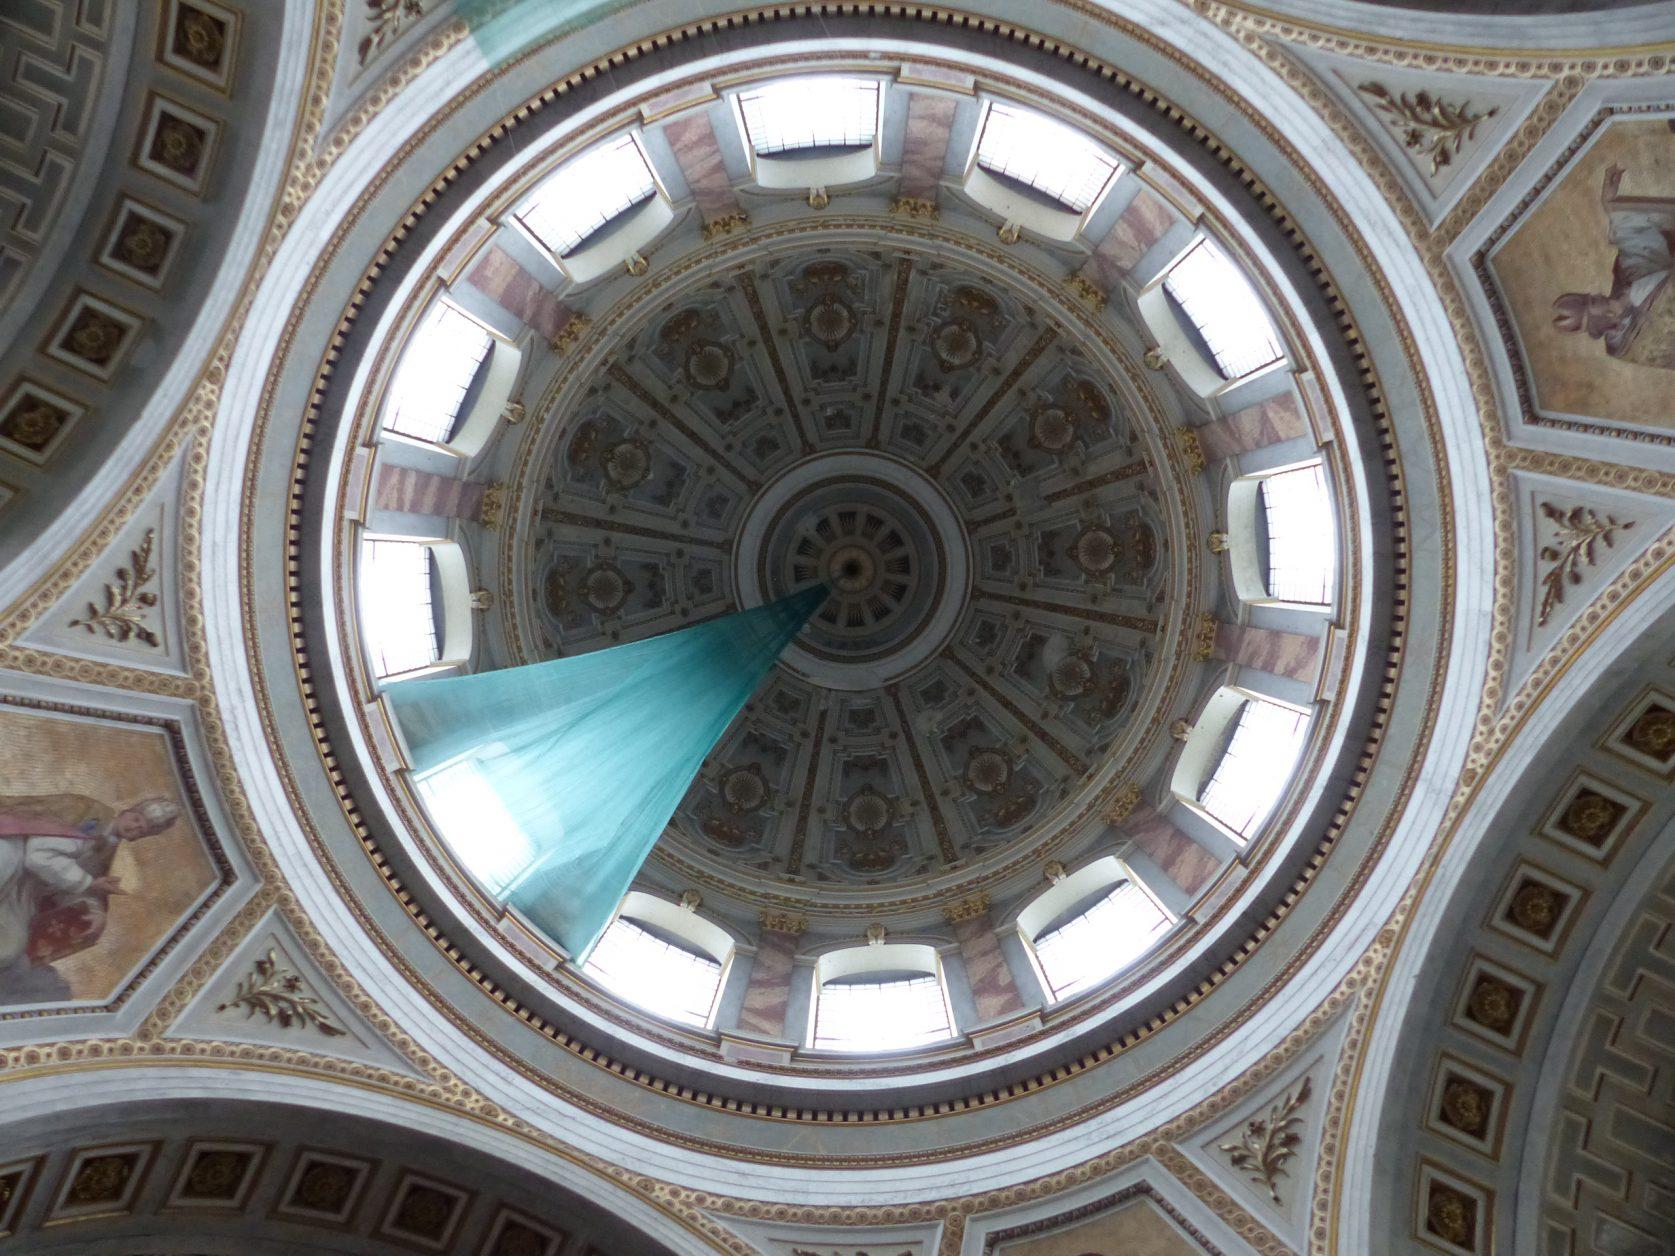 """Die Inschrift der Kuppel, die im """"Herzen"""" der Kathedrale über der vierung """"schwebt"""", gedenkt der Aufnahme Mariens in den Himmel"""